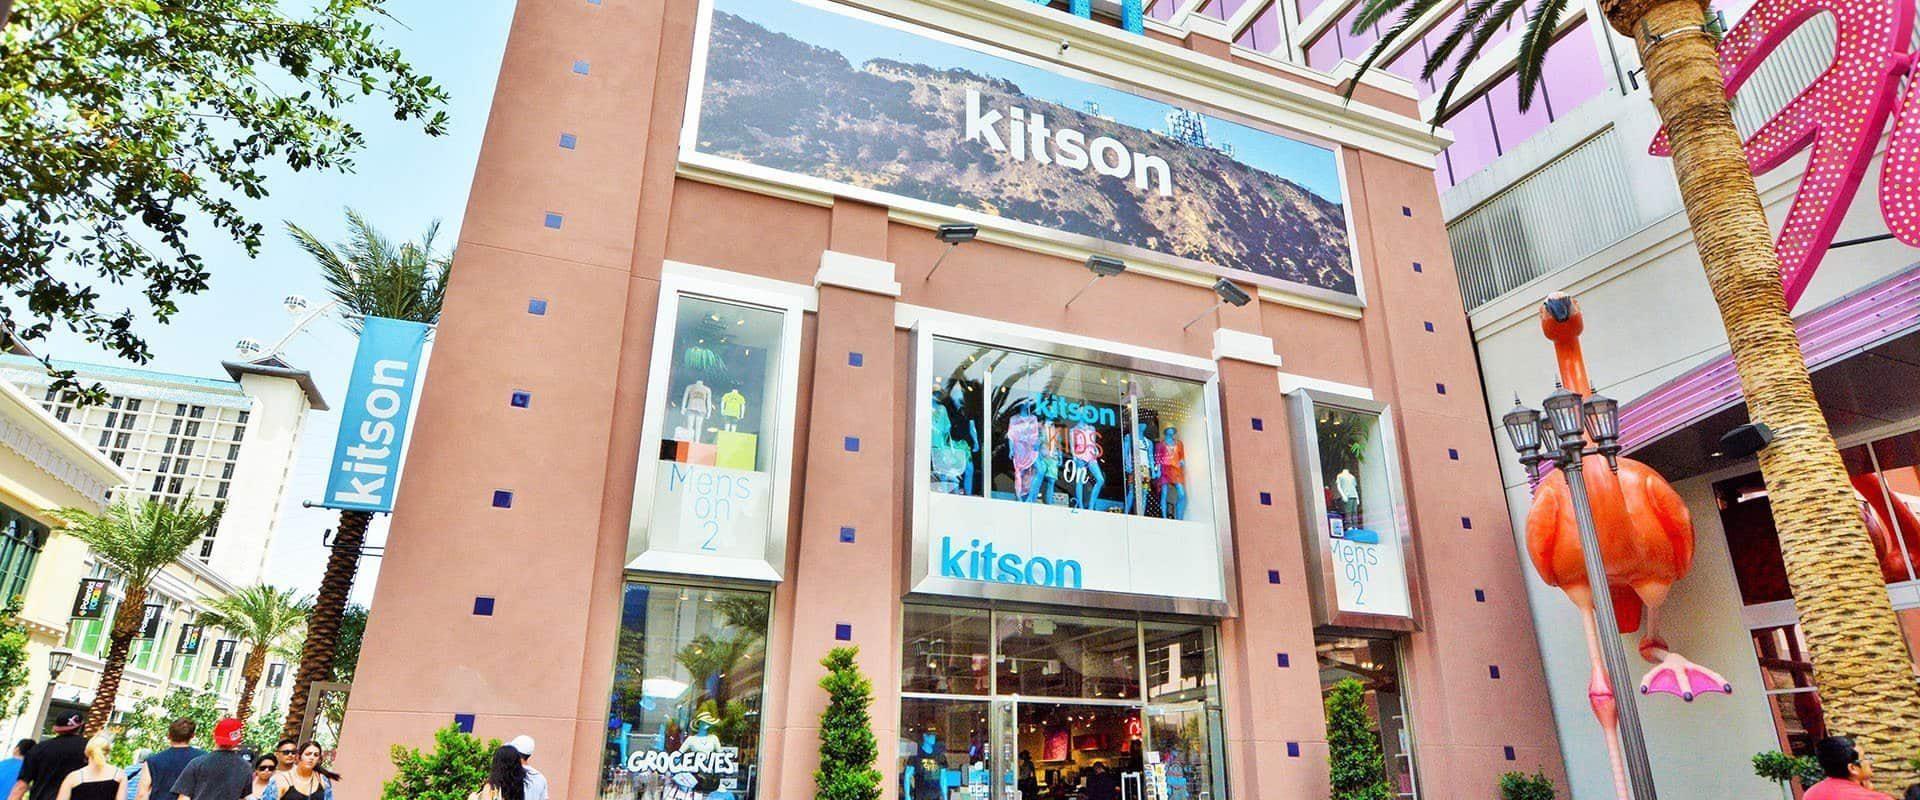 Kitson 1 1920